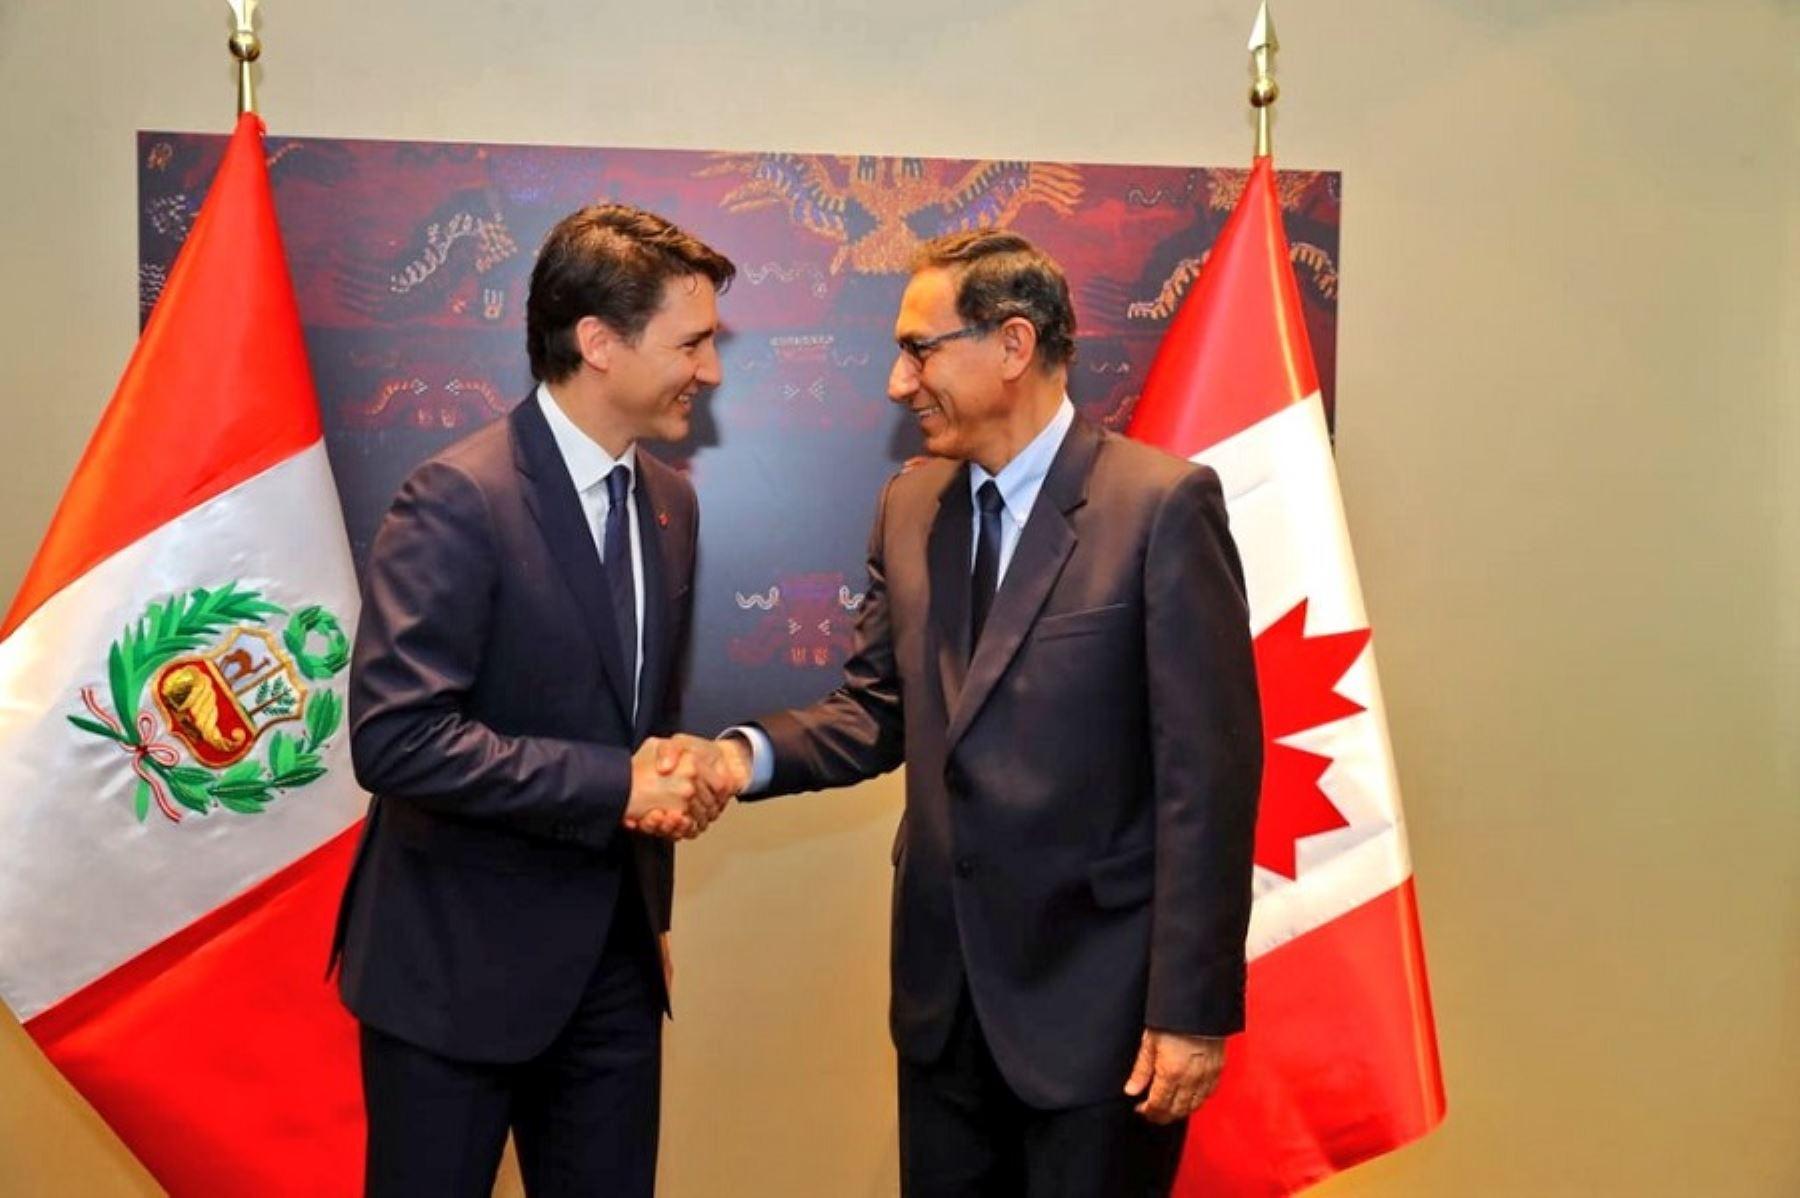 Presidente Martín Vizcarra se reunió con el primer ministro de Canadá, Justin Trudeau.